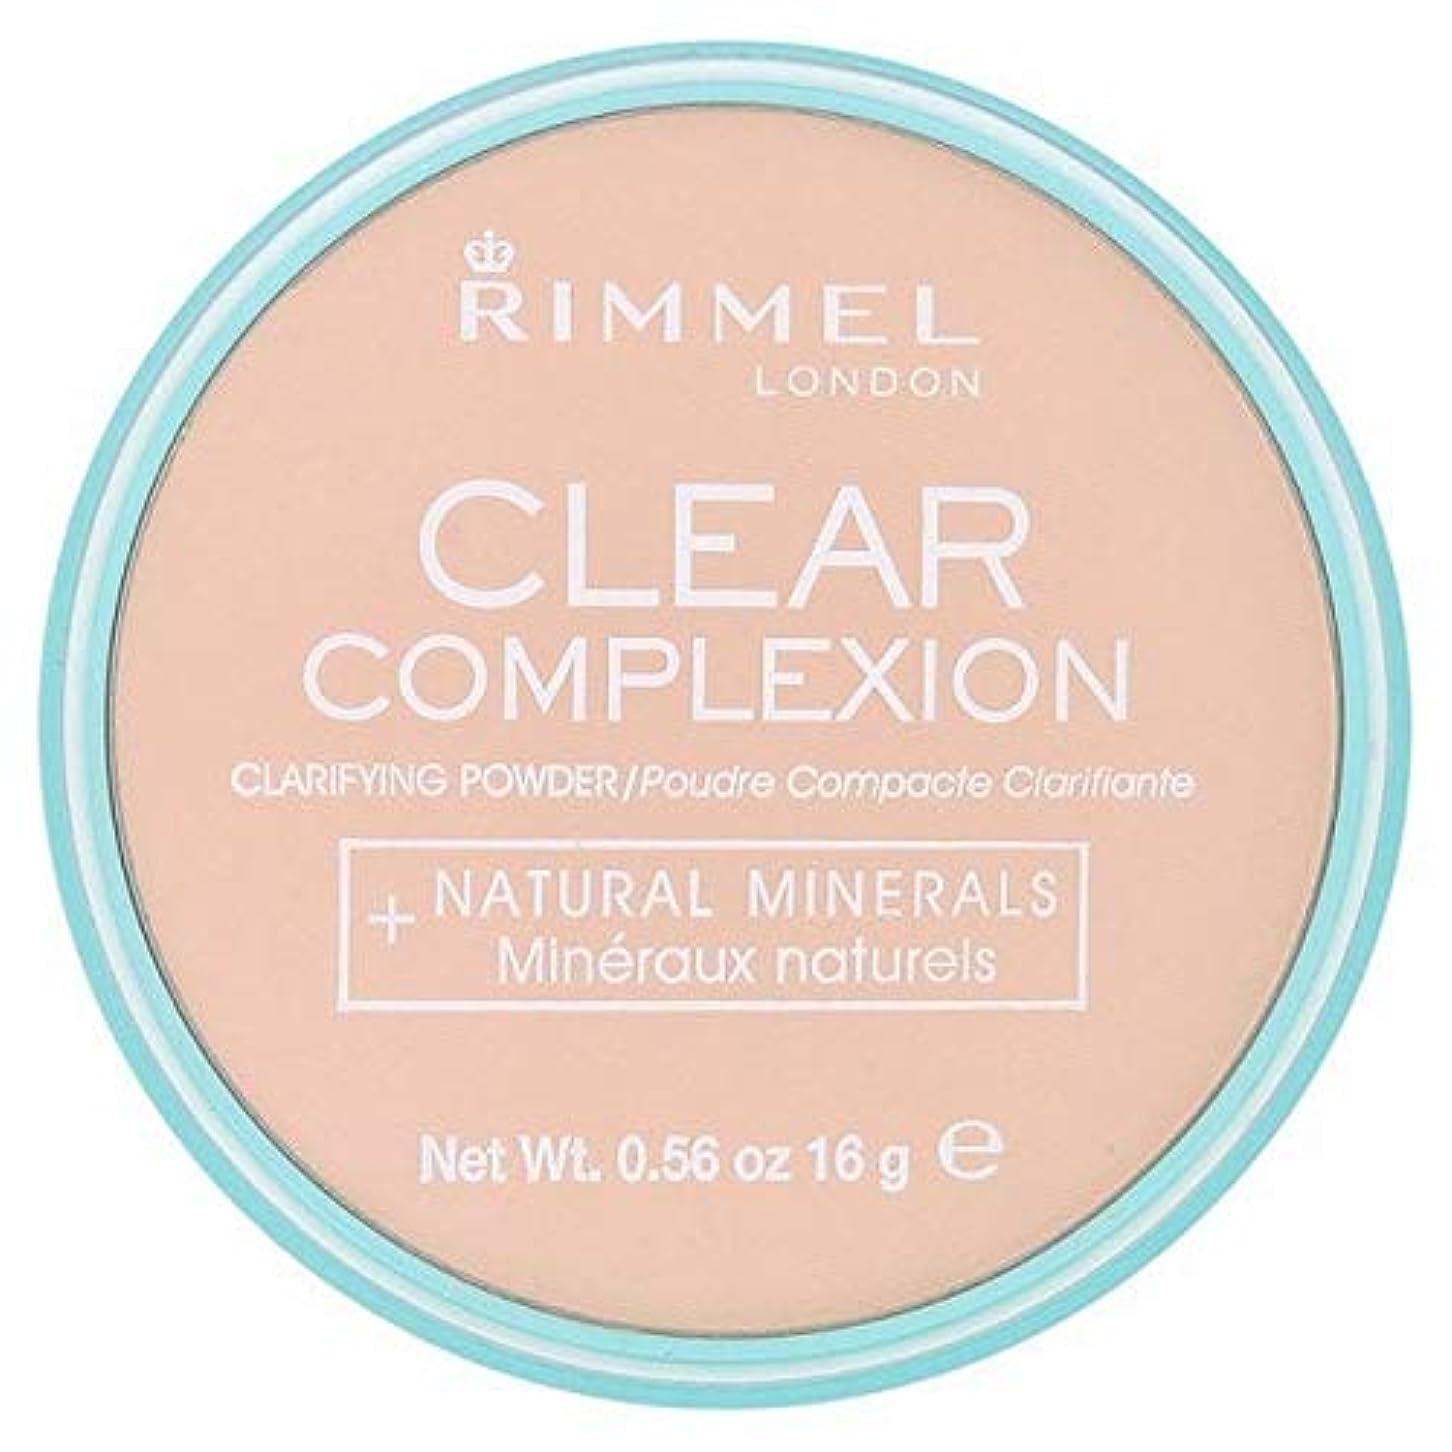 トリップ北強化[Rimmel ] 21透明リンメル明確な顔色粉末 - Rimmel Clear Complexion Powder Transparent 21 [並行輸入品]